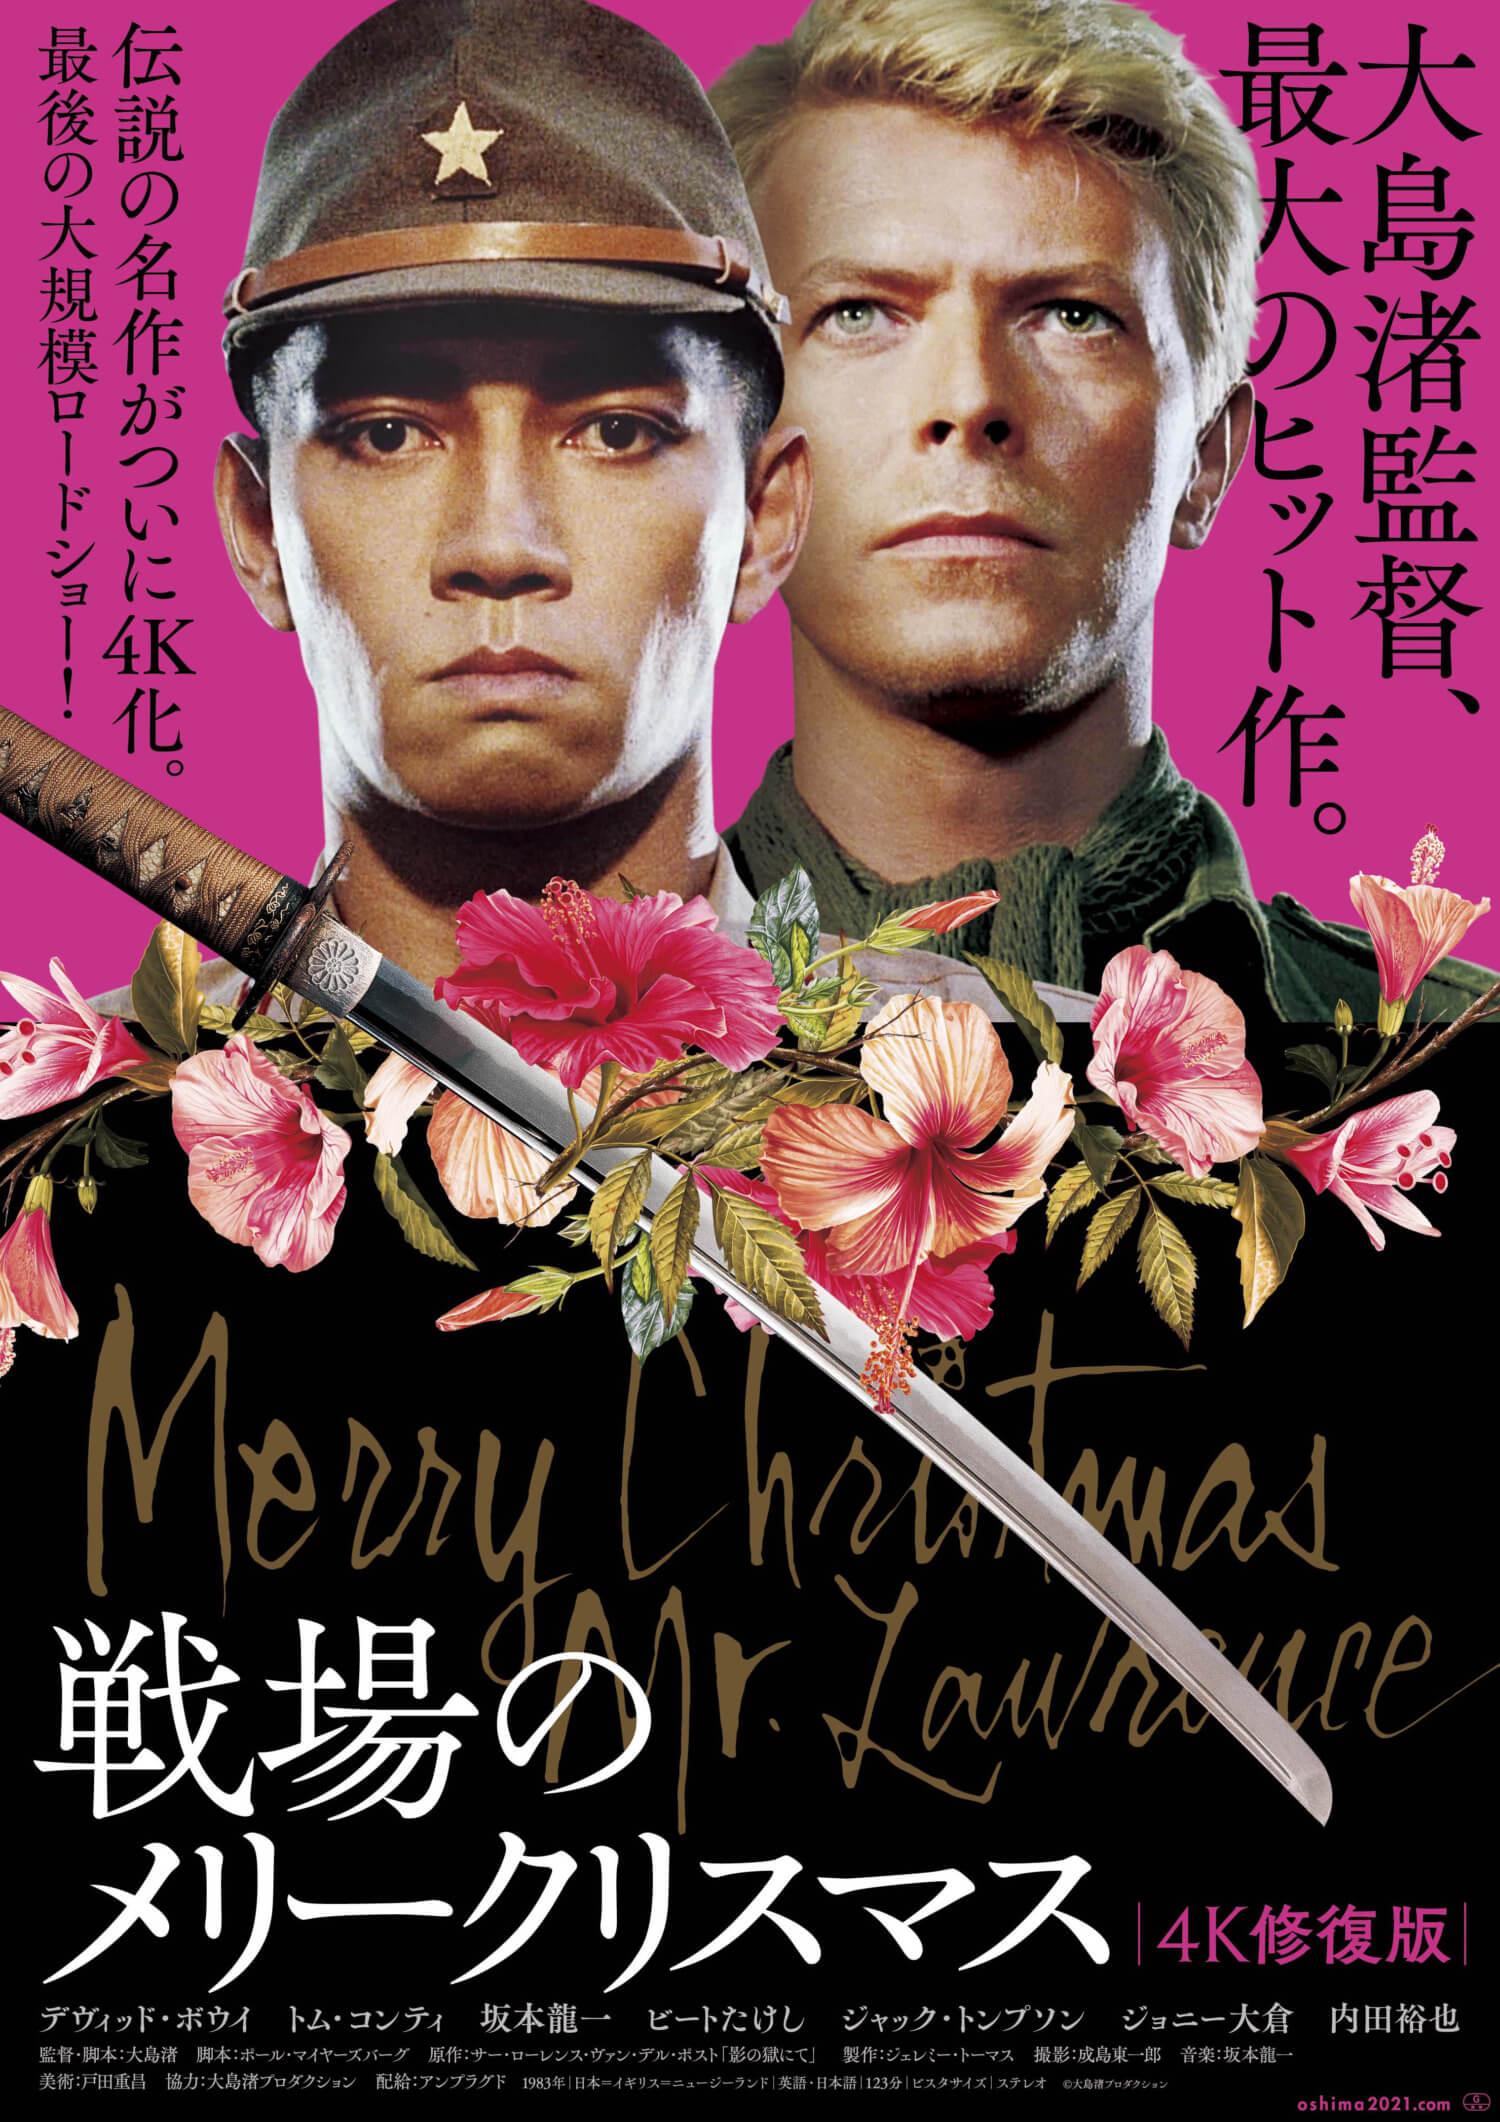 『戦場のメリークリスマス 4K修復版』ポスター